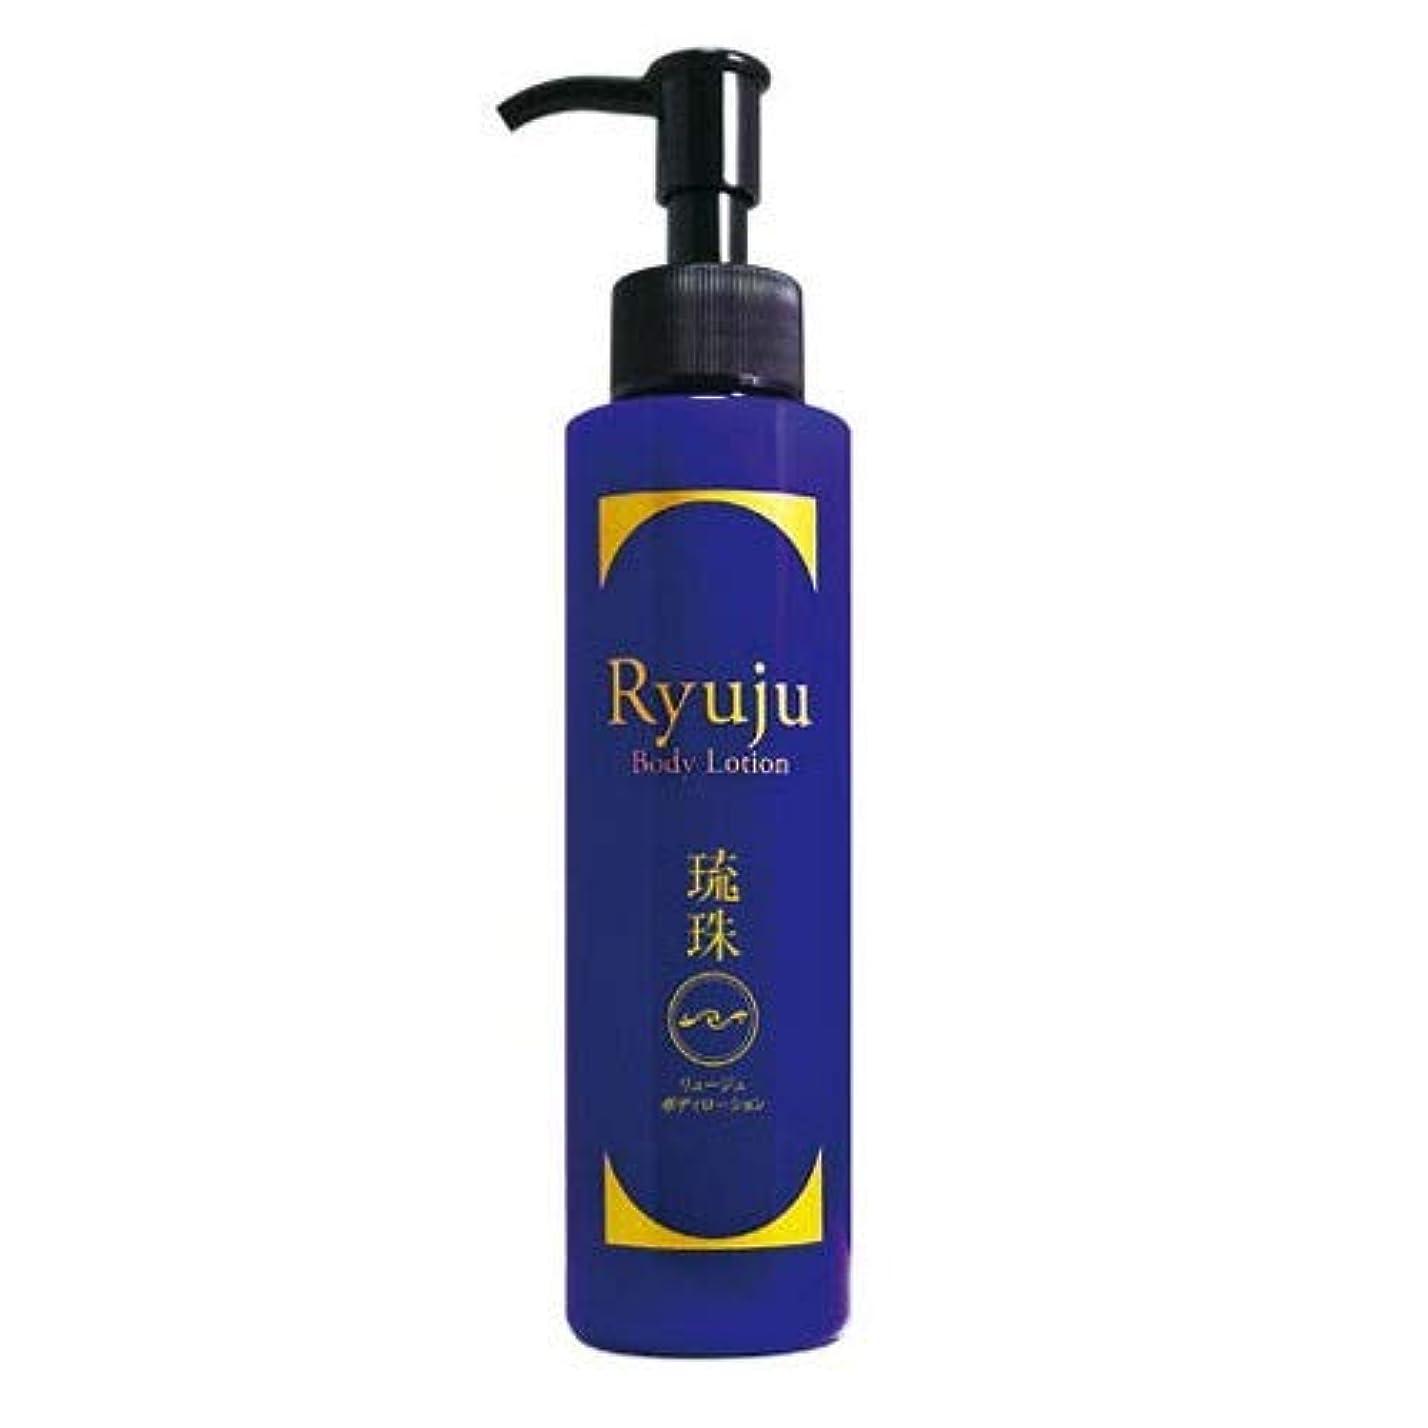 賞賛する保険に対応する琉珠 ボディローション 150ml Ryuju Body Lortion